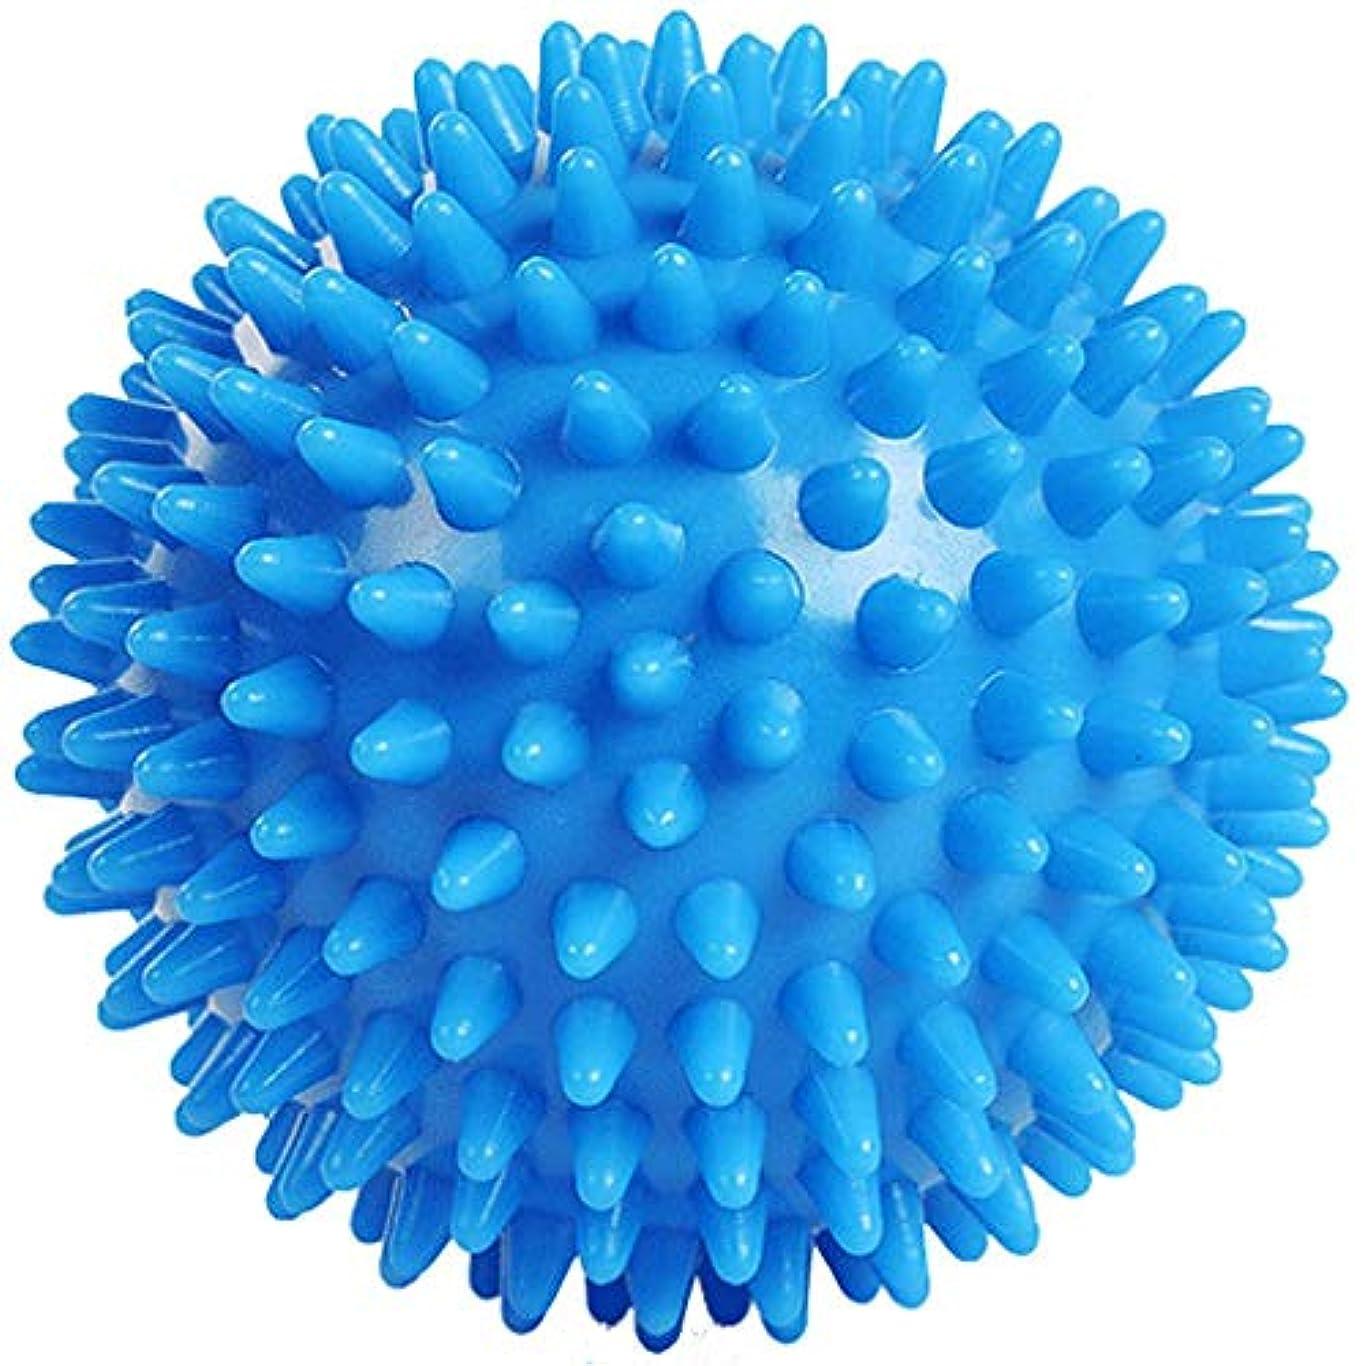 TopFires リフレックスボール 触覚ボール 足裏手 背中のマッサージボール リハビリ マッサージ用 血液循環促進 筋肉緊張 圧迫で解きほぐす